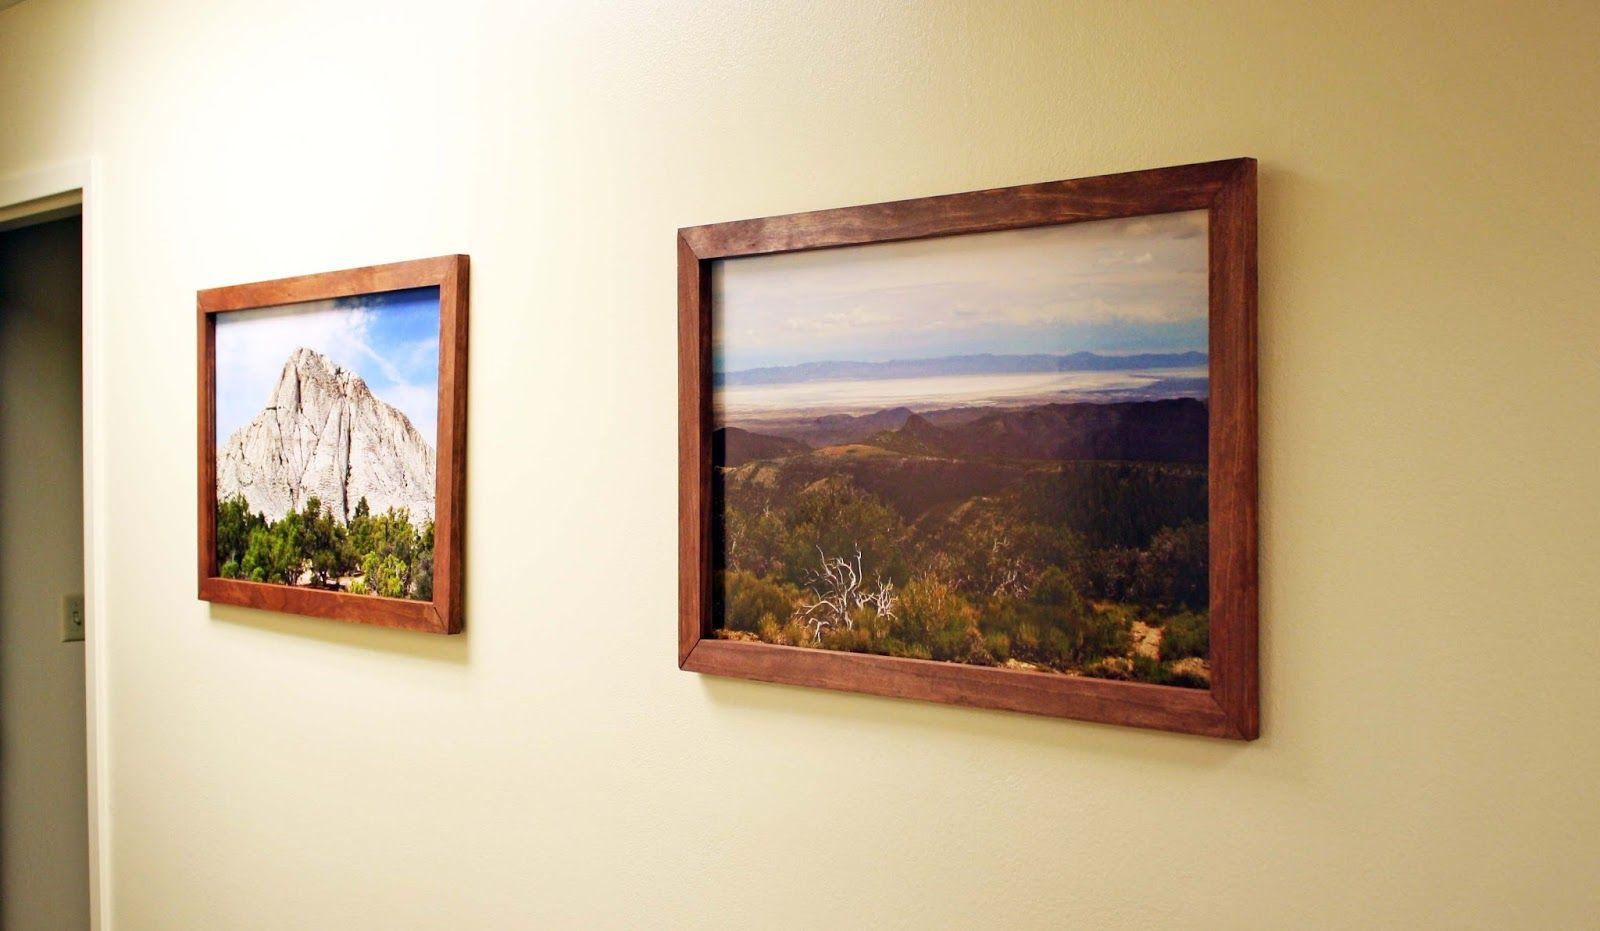 Easy frames for art